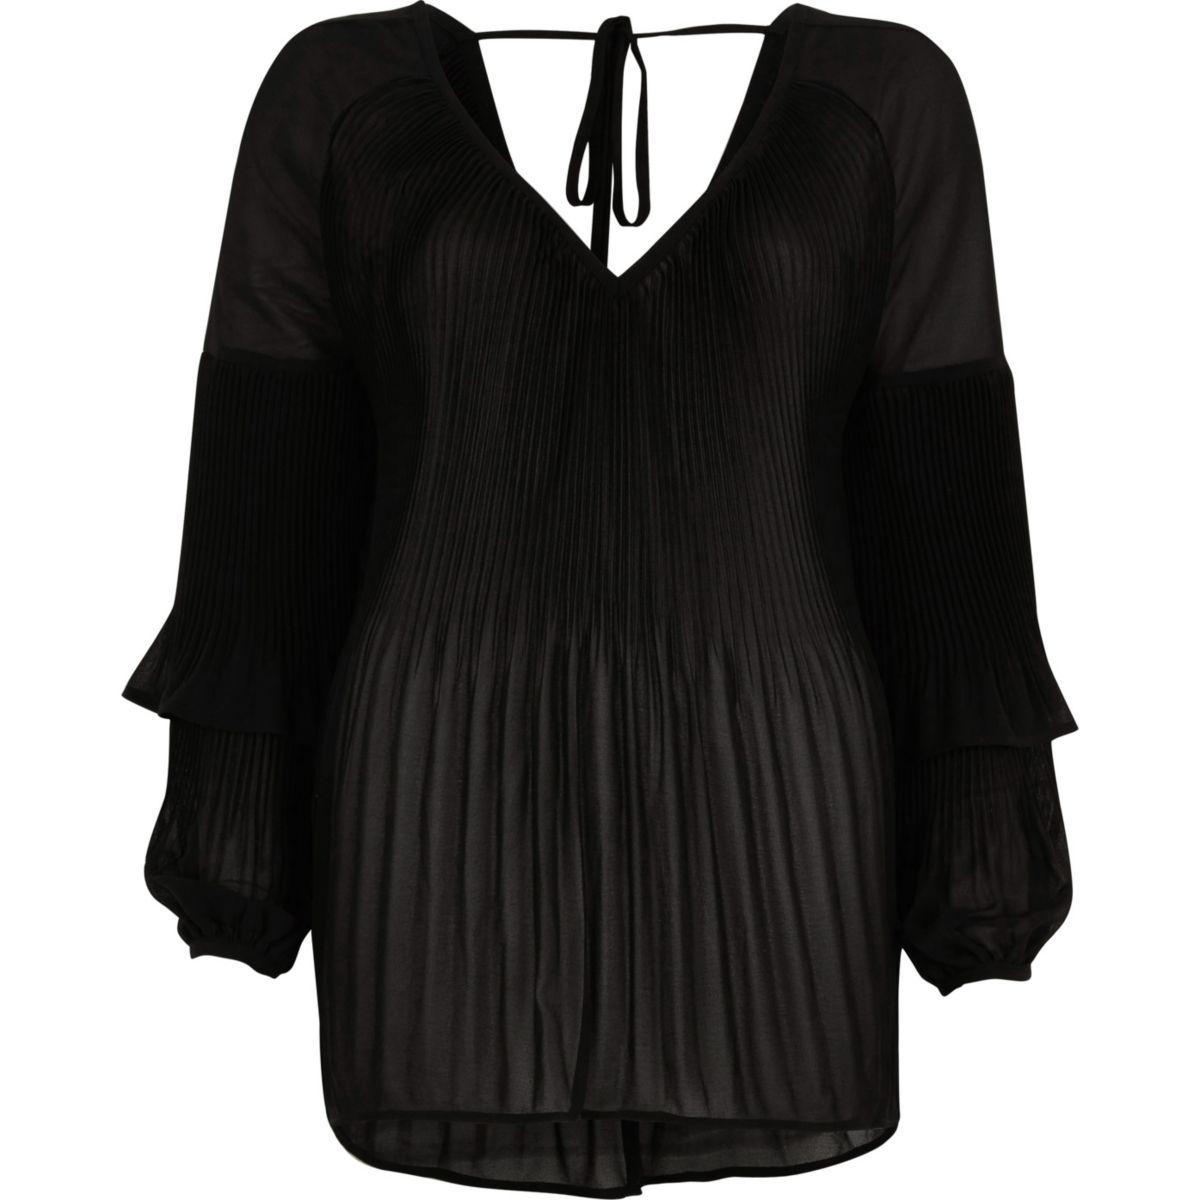 Schwarze Bluse mit Rüschen